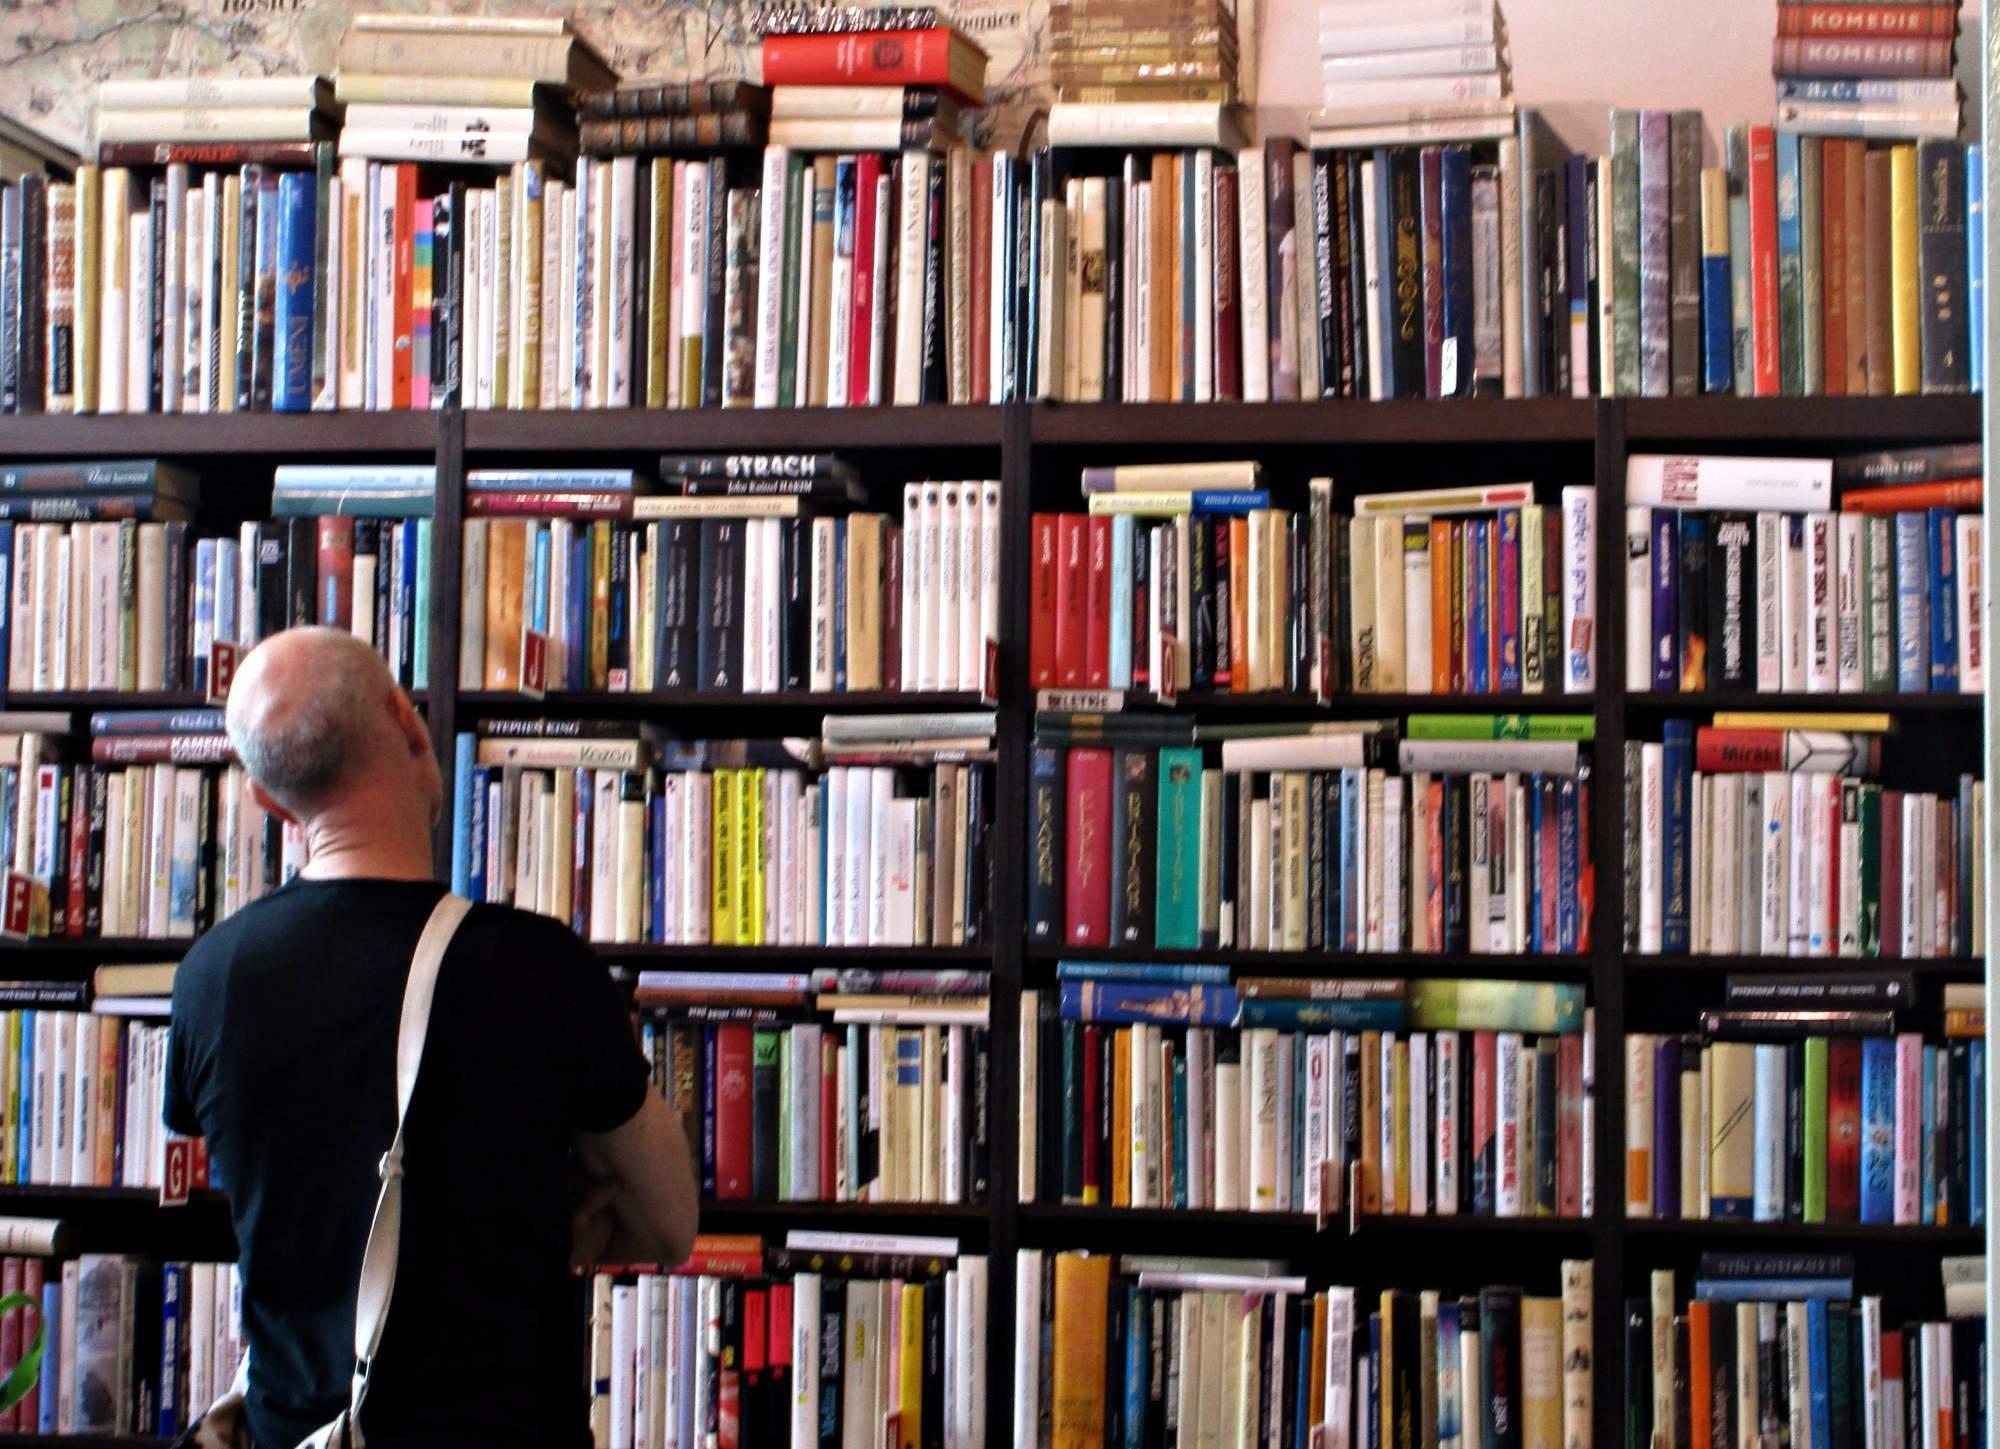 Podle výzkumu přečte alespoň jednu knihu za rok čtyřiaosmdesát procent Čechů. Foto: Dominika Sladká.